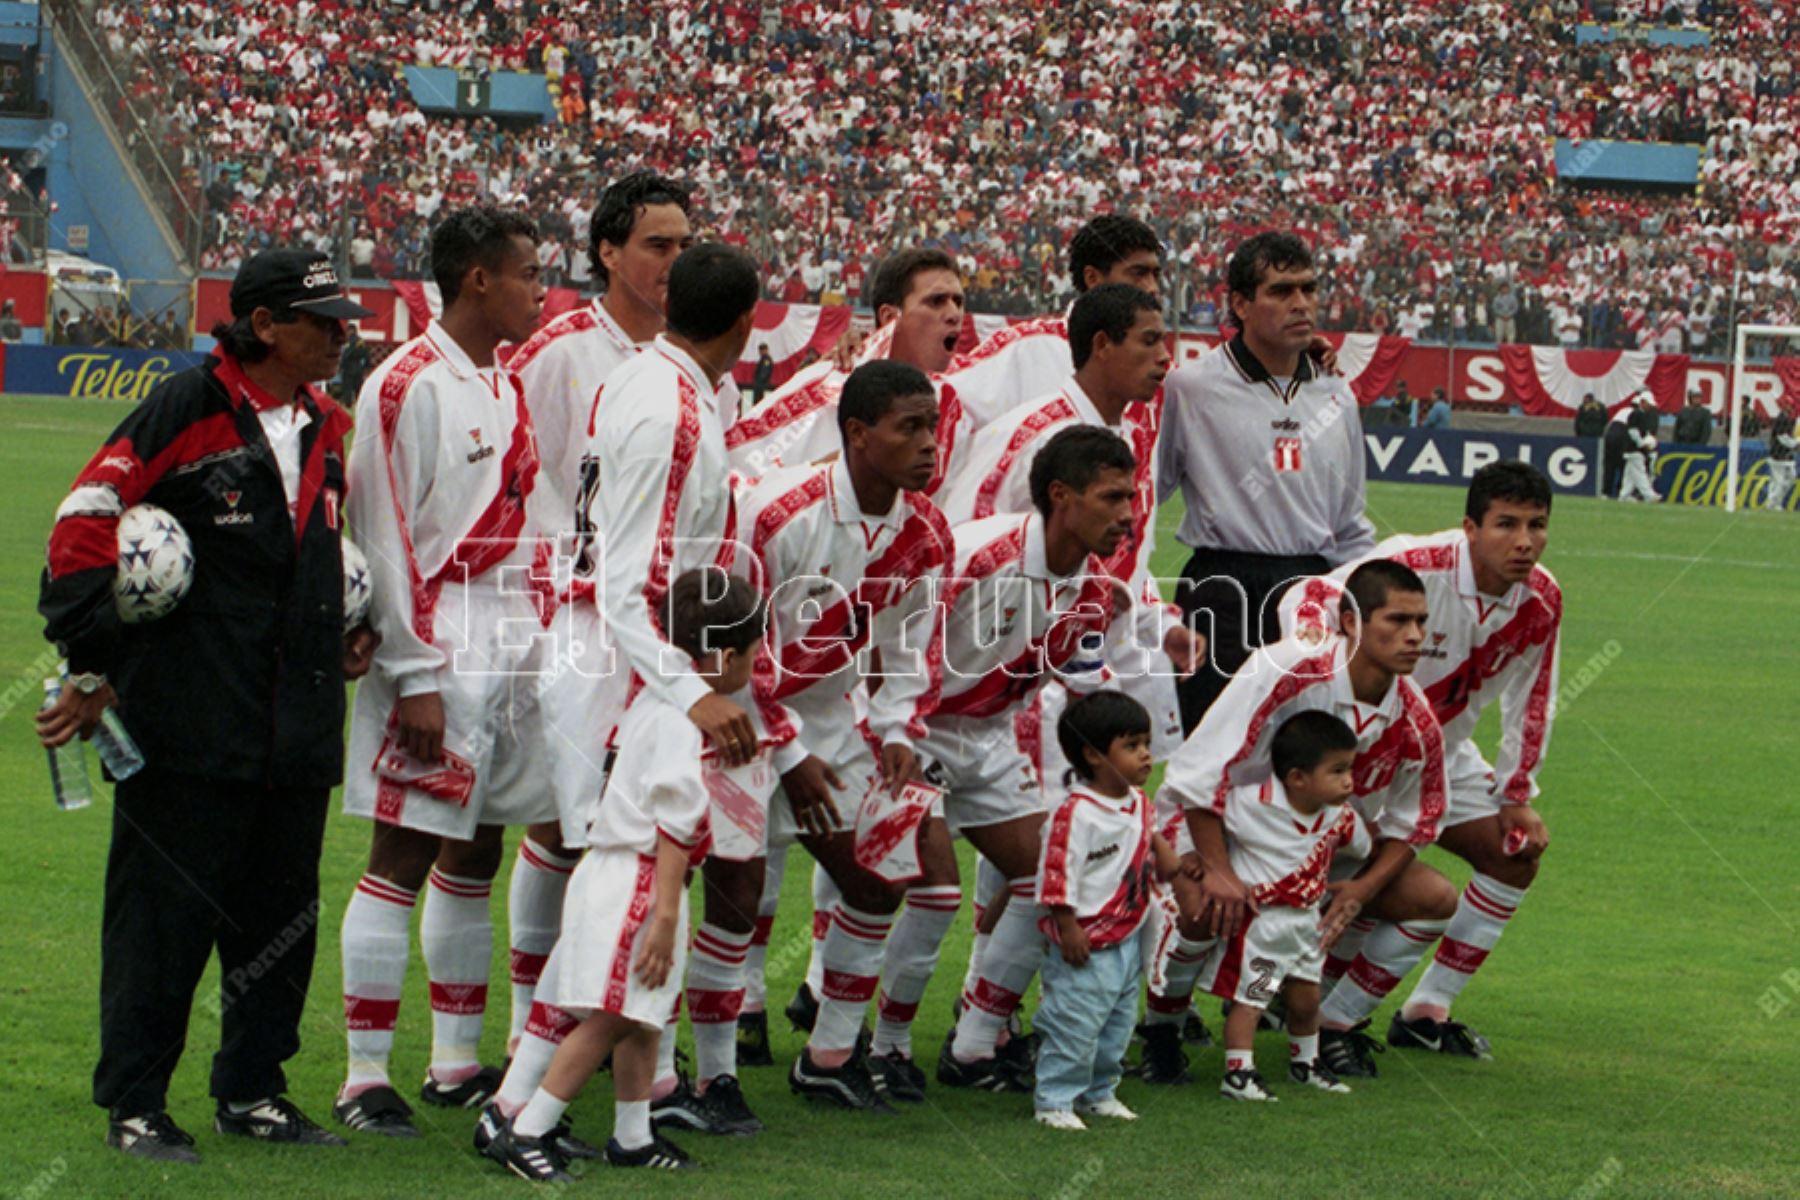 Lima - 4 junio 2000 / Miguel Miranda en la selección peruana de fútbol que enfrentó a Brasil por la tercera fecha de las eliminatorias al mundial Corea-Japón 2002.  Foto: Diario Oficial El Peruano / Ricardo Choy-Kifox